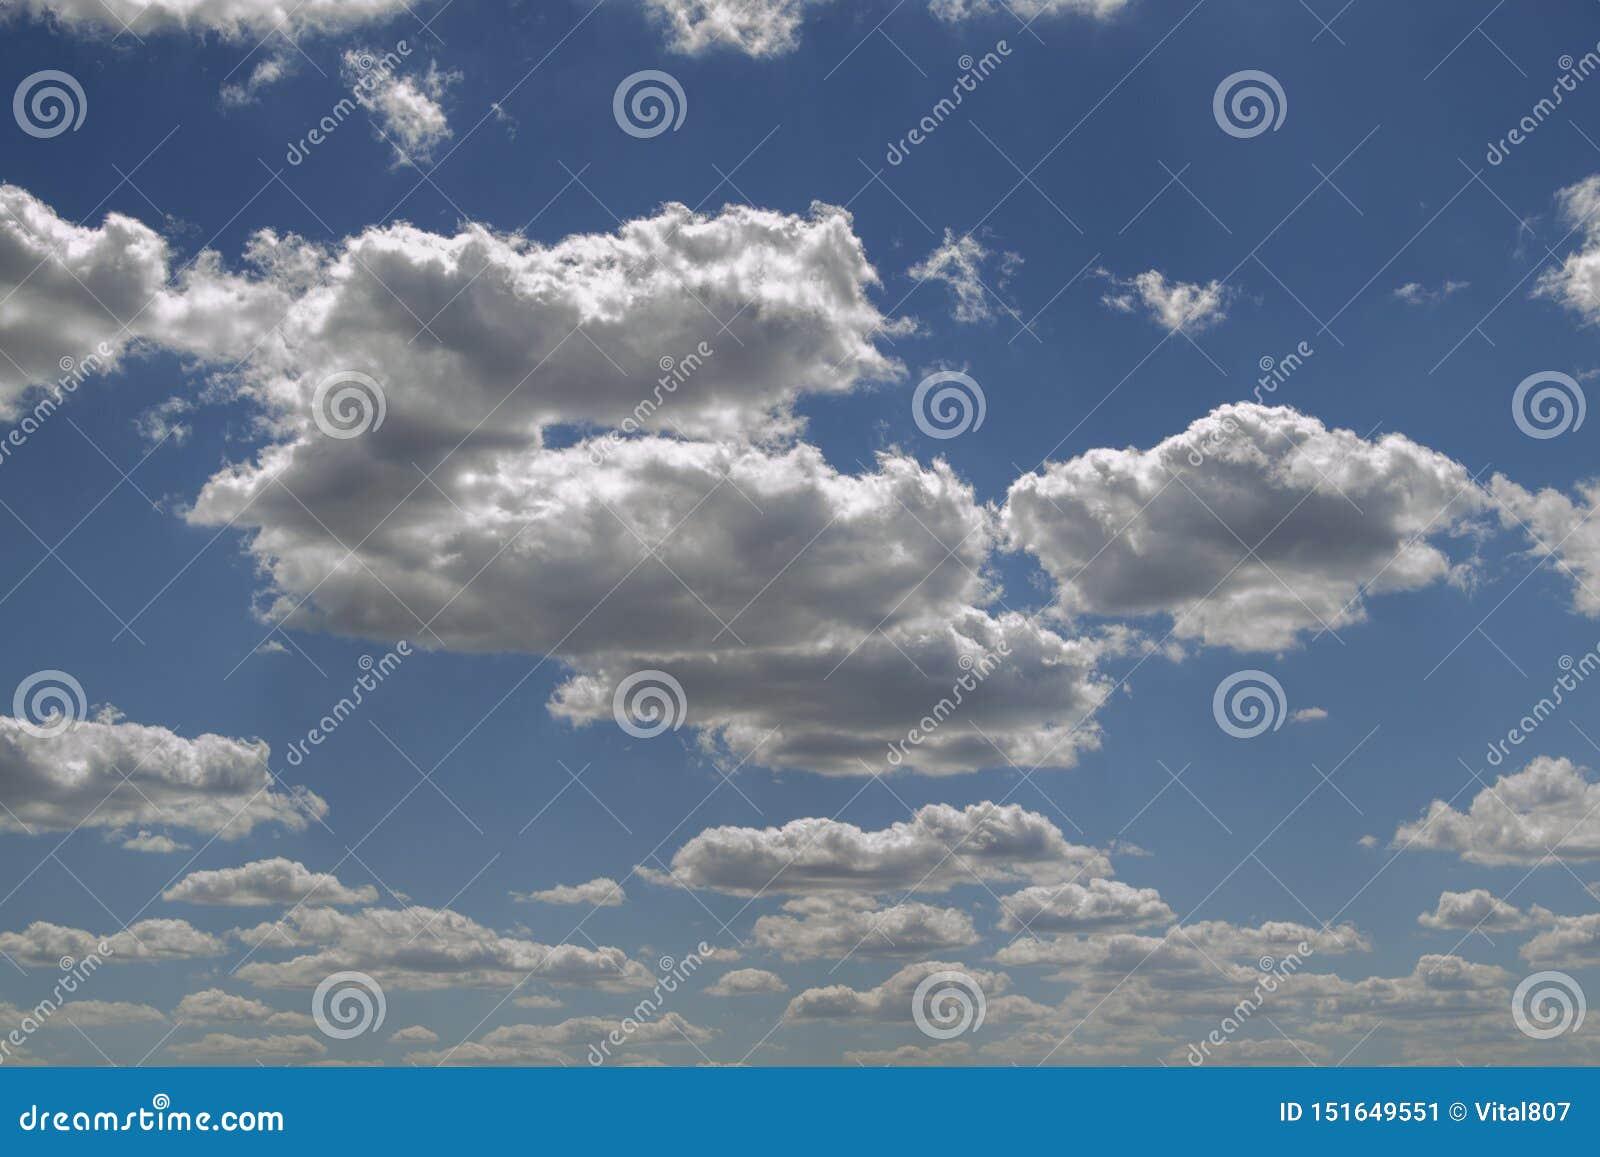 Niebieskie niebo z bielu bujny i powietrza chmurami